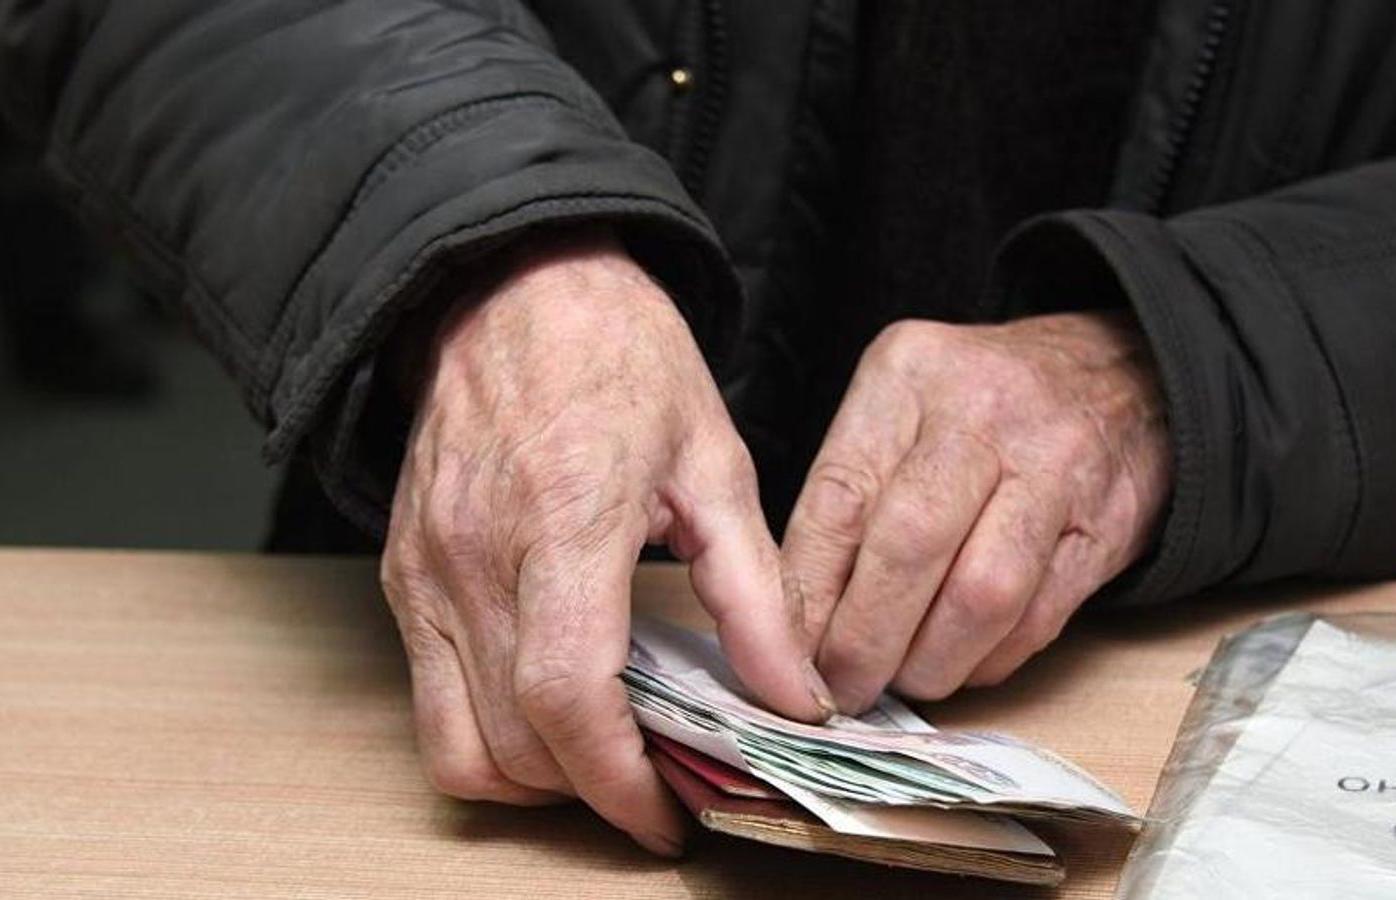 Работающие пенсионеры и еще две категории: кто скоро получит прибавку к пенсии - новости Афанасий